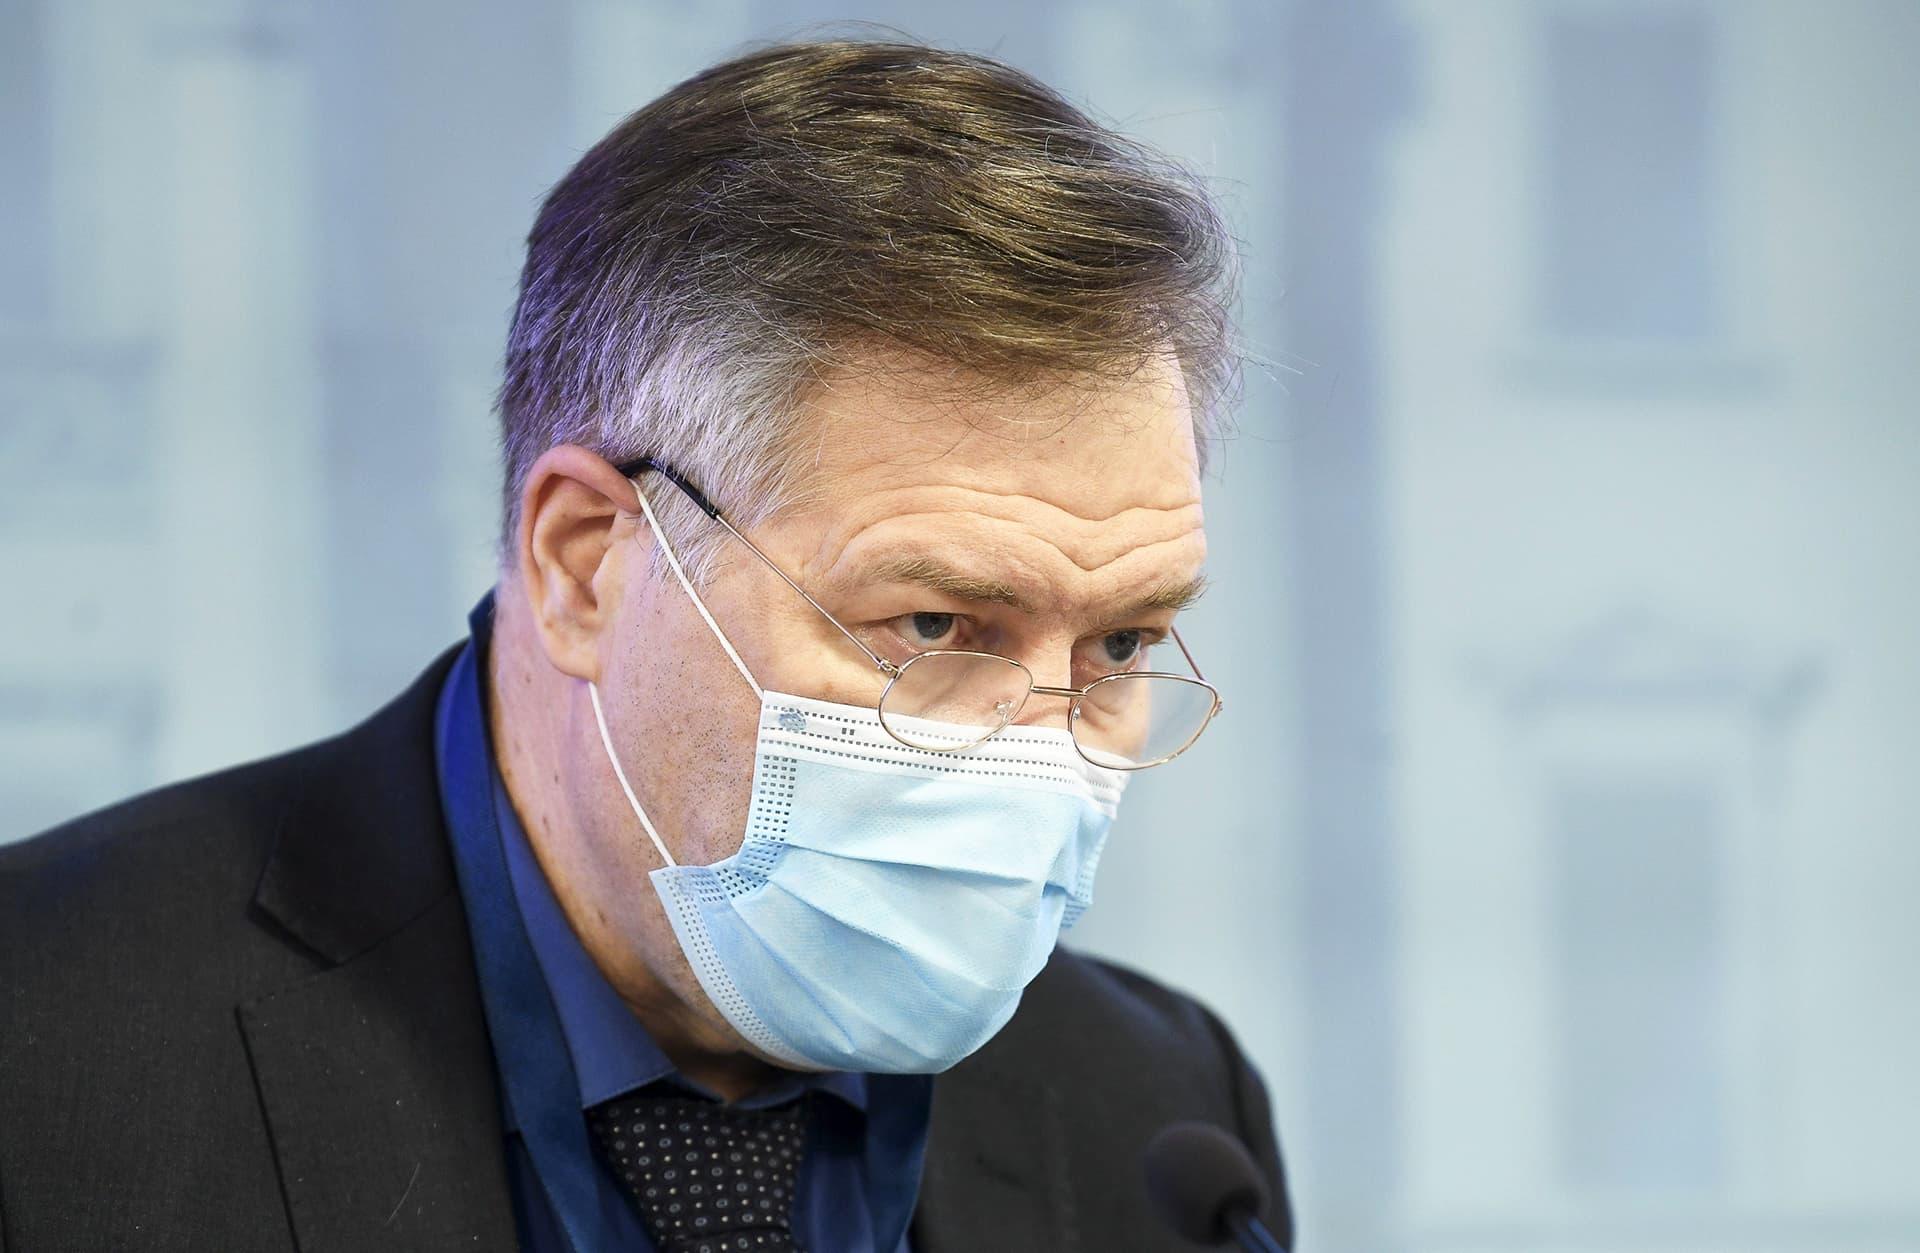 Valtiovarainministeriön kansliapäällikkö Juha Majanen